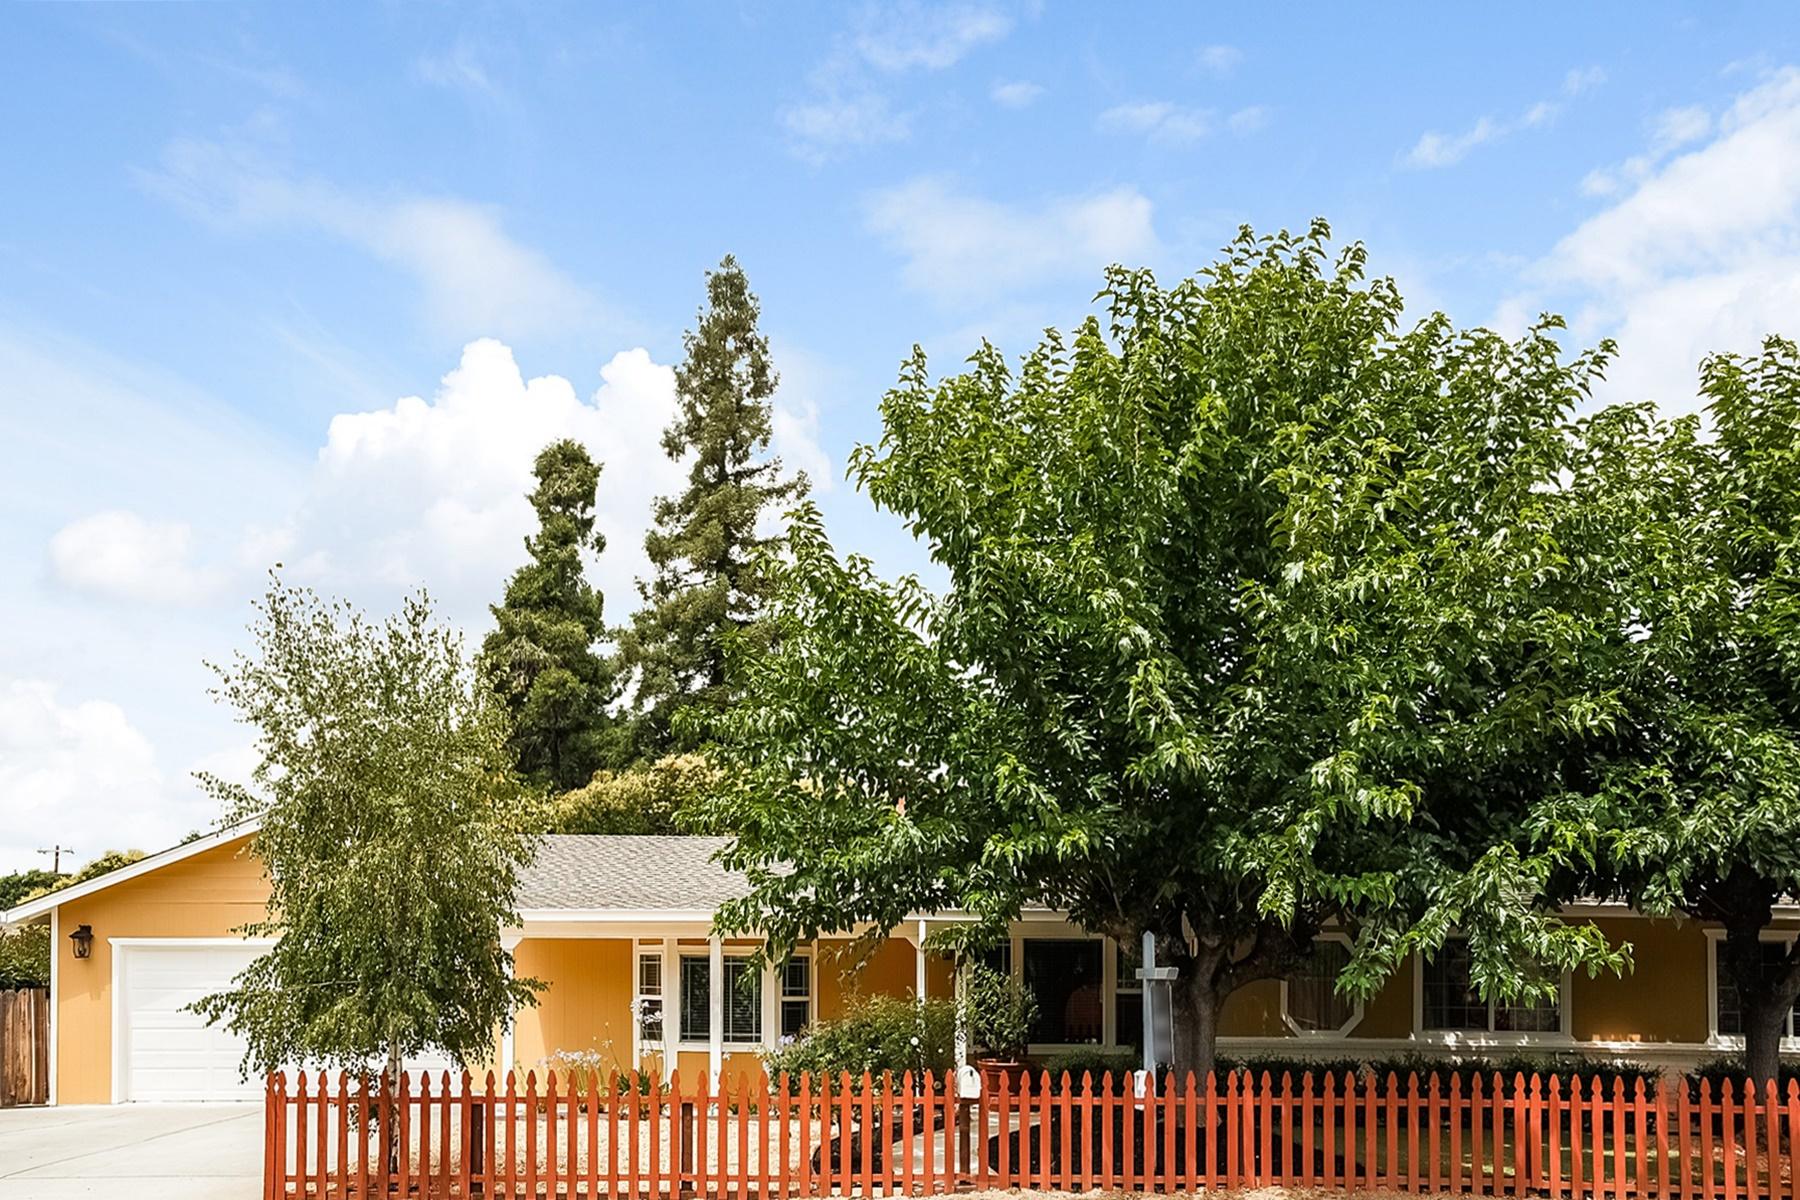 Casa Unifamiliar por un Venta en Charming Ranch Home 3355 Cowell Road Concord, California 94518 Estados Unidos